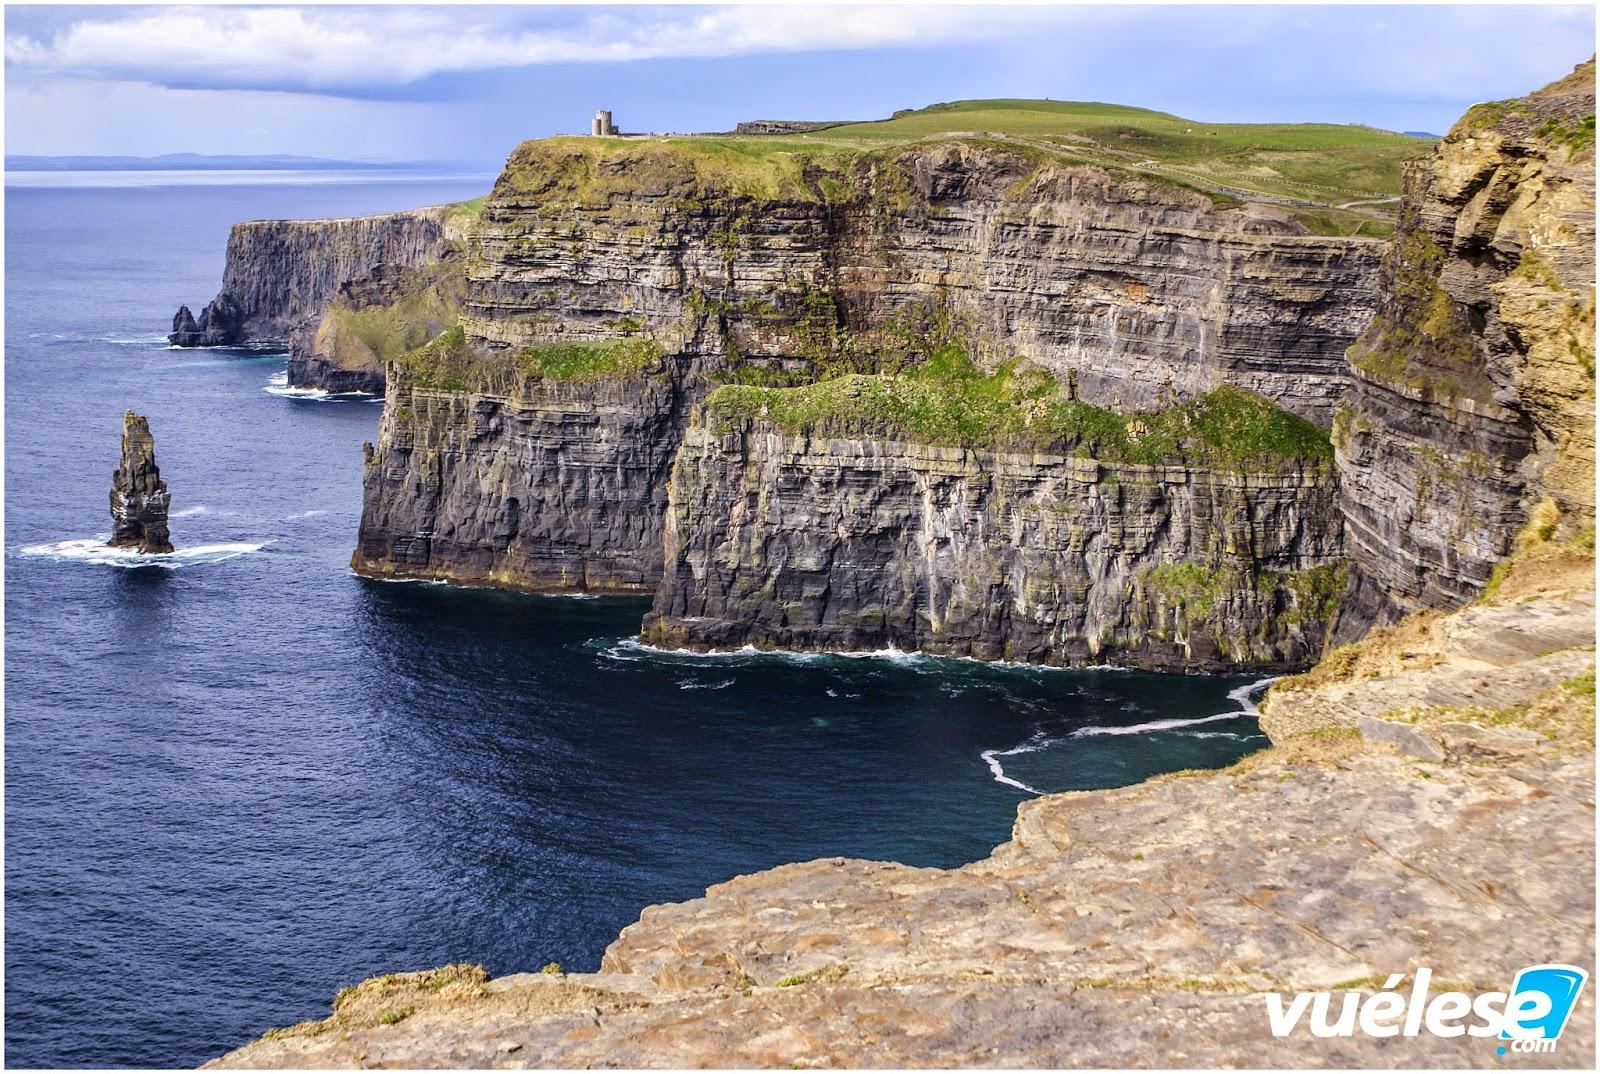 Acantilados de Moher Donde cada año, un millón de turistas visitan la mayor atracción natural de Irlanda los famosos riscos de Moher.